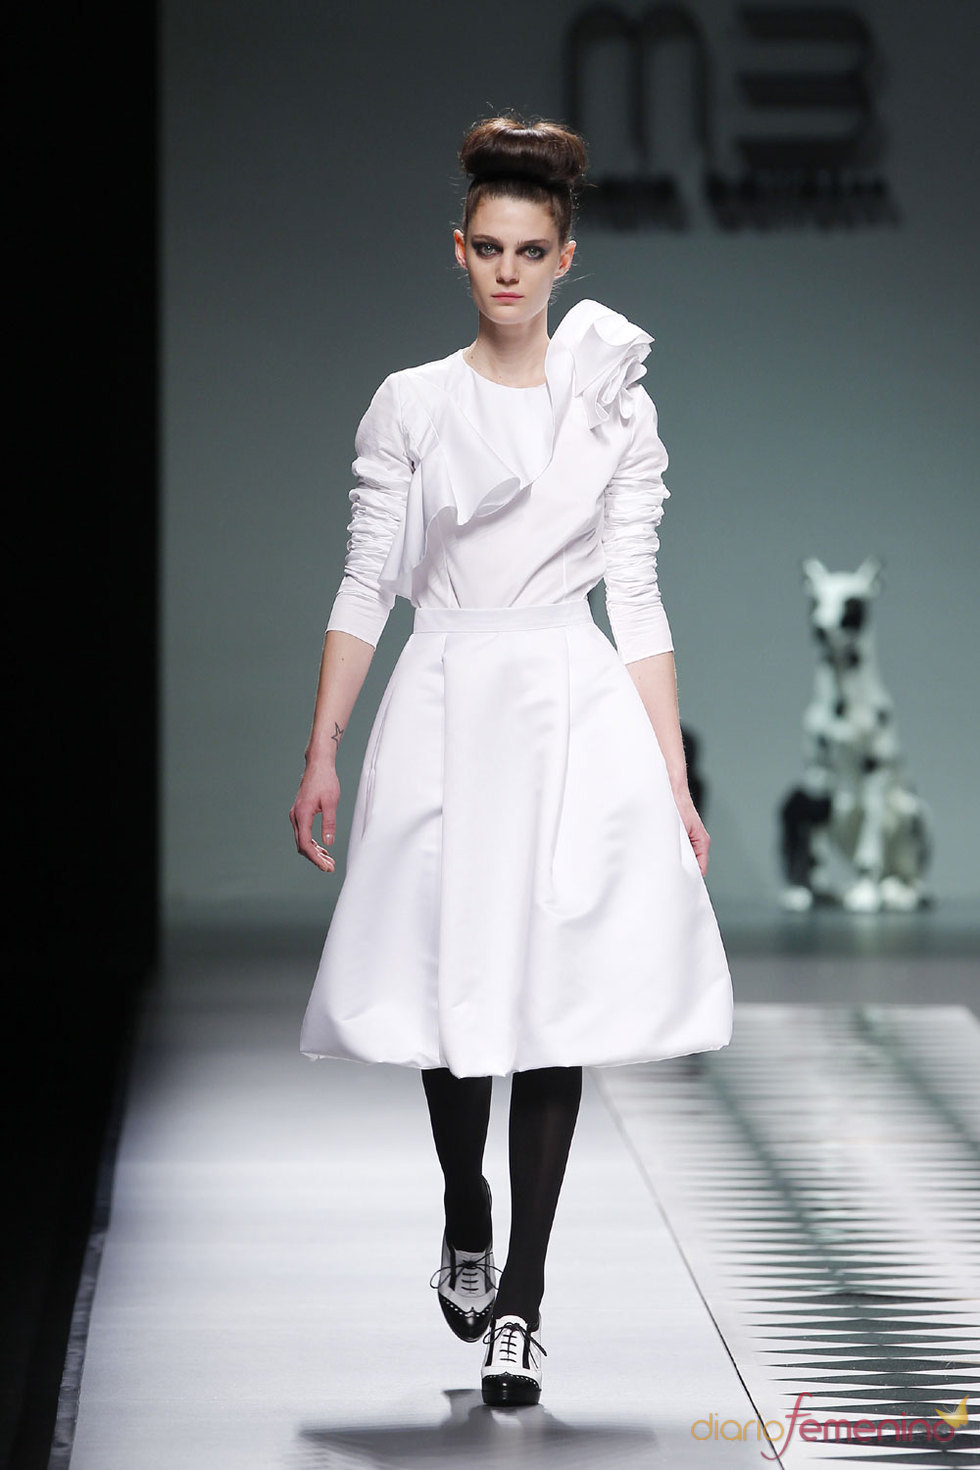 María Barros - Moda Mujer - Cibeles Fashion Week